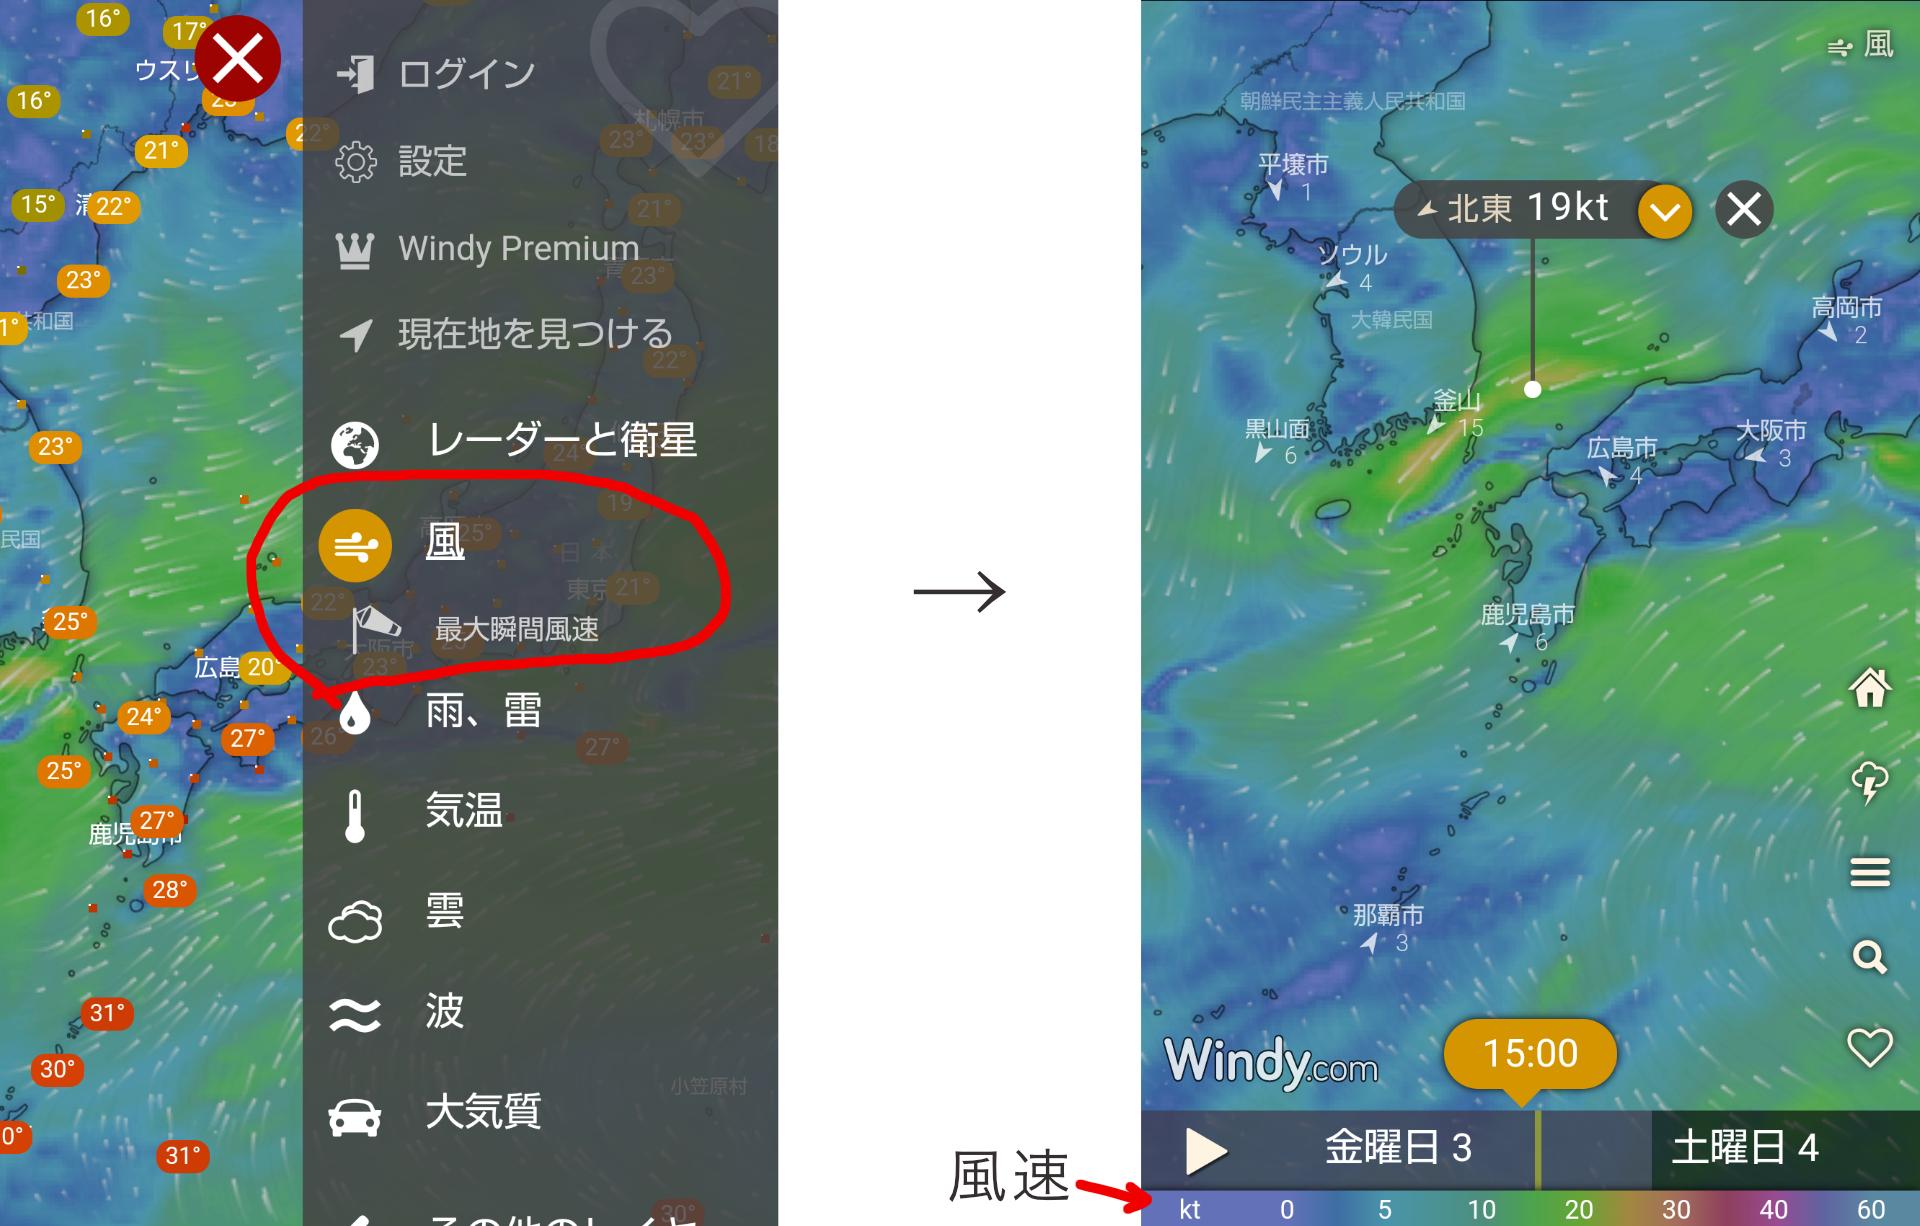 Windyアプリ-風の見方・操作方法